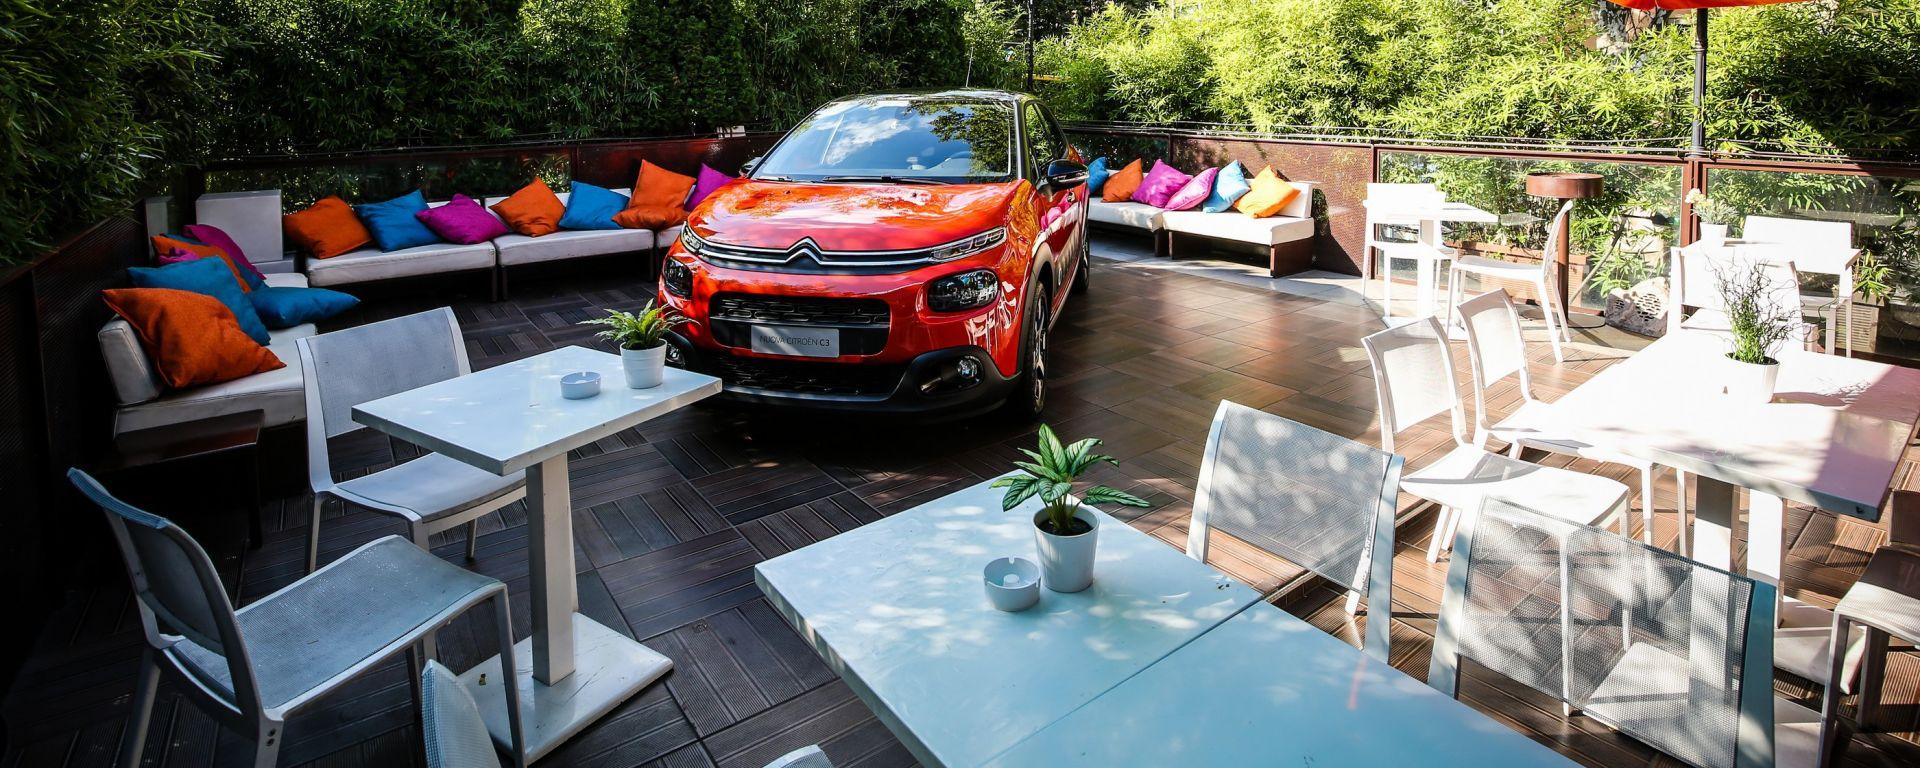 Nuova Citroen C3 nel terrazzo del ristorante La Terrazza Citroen